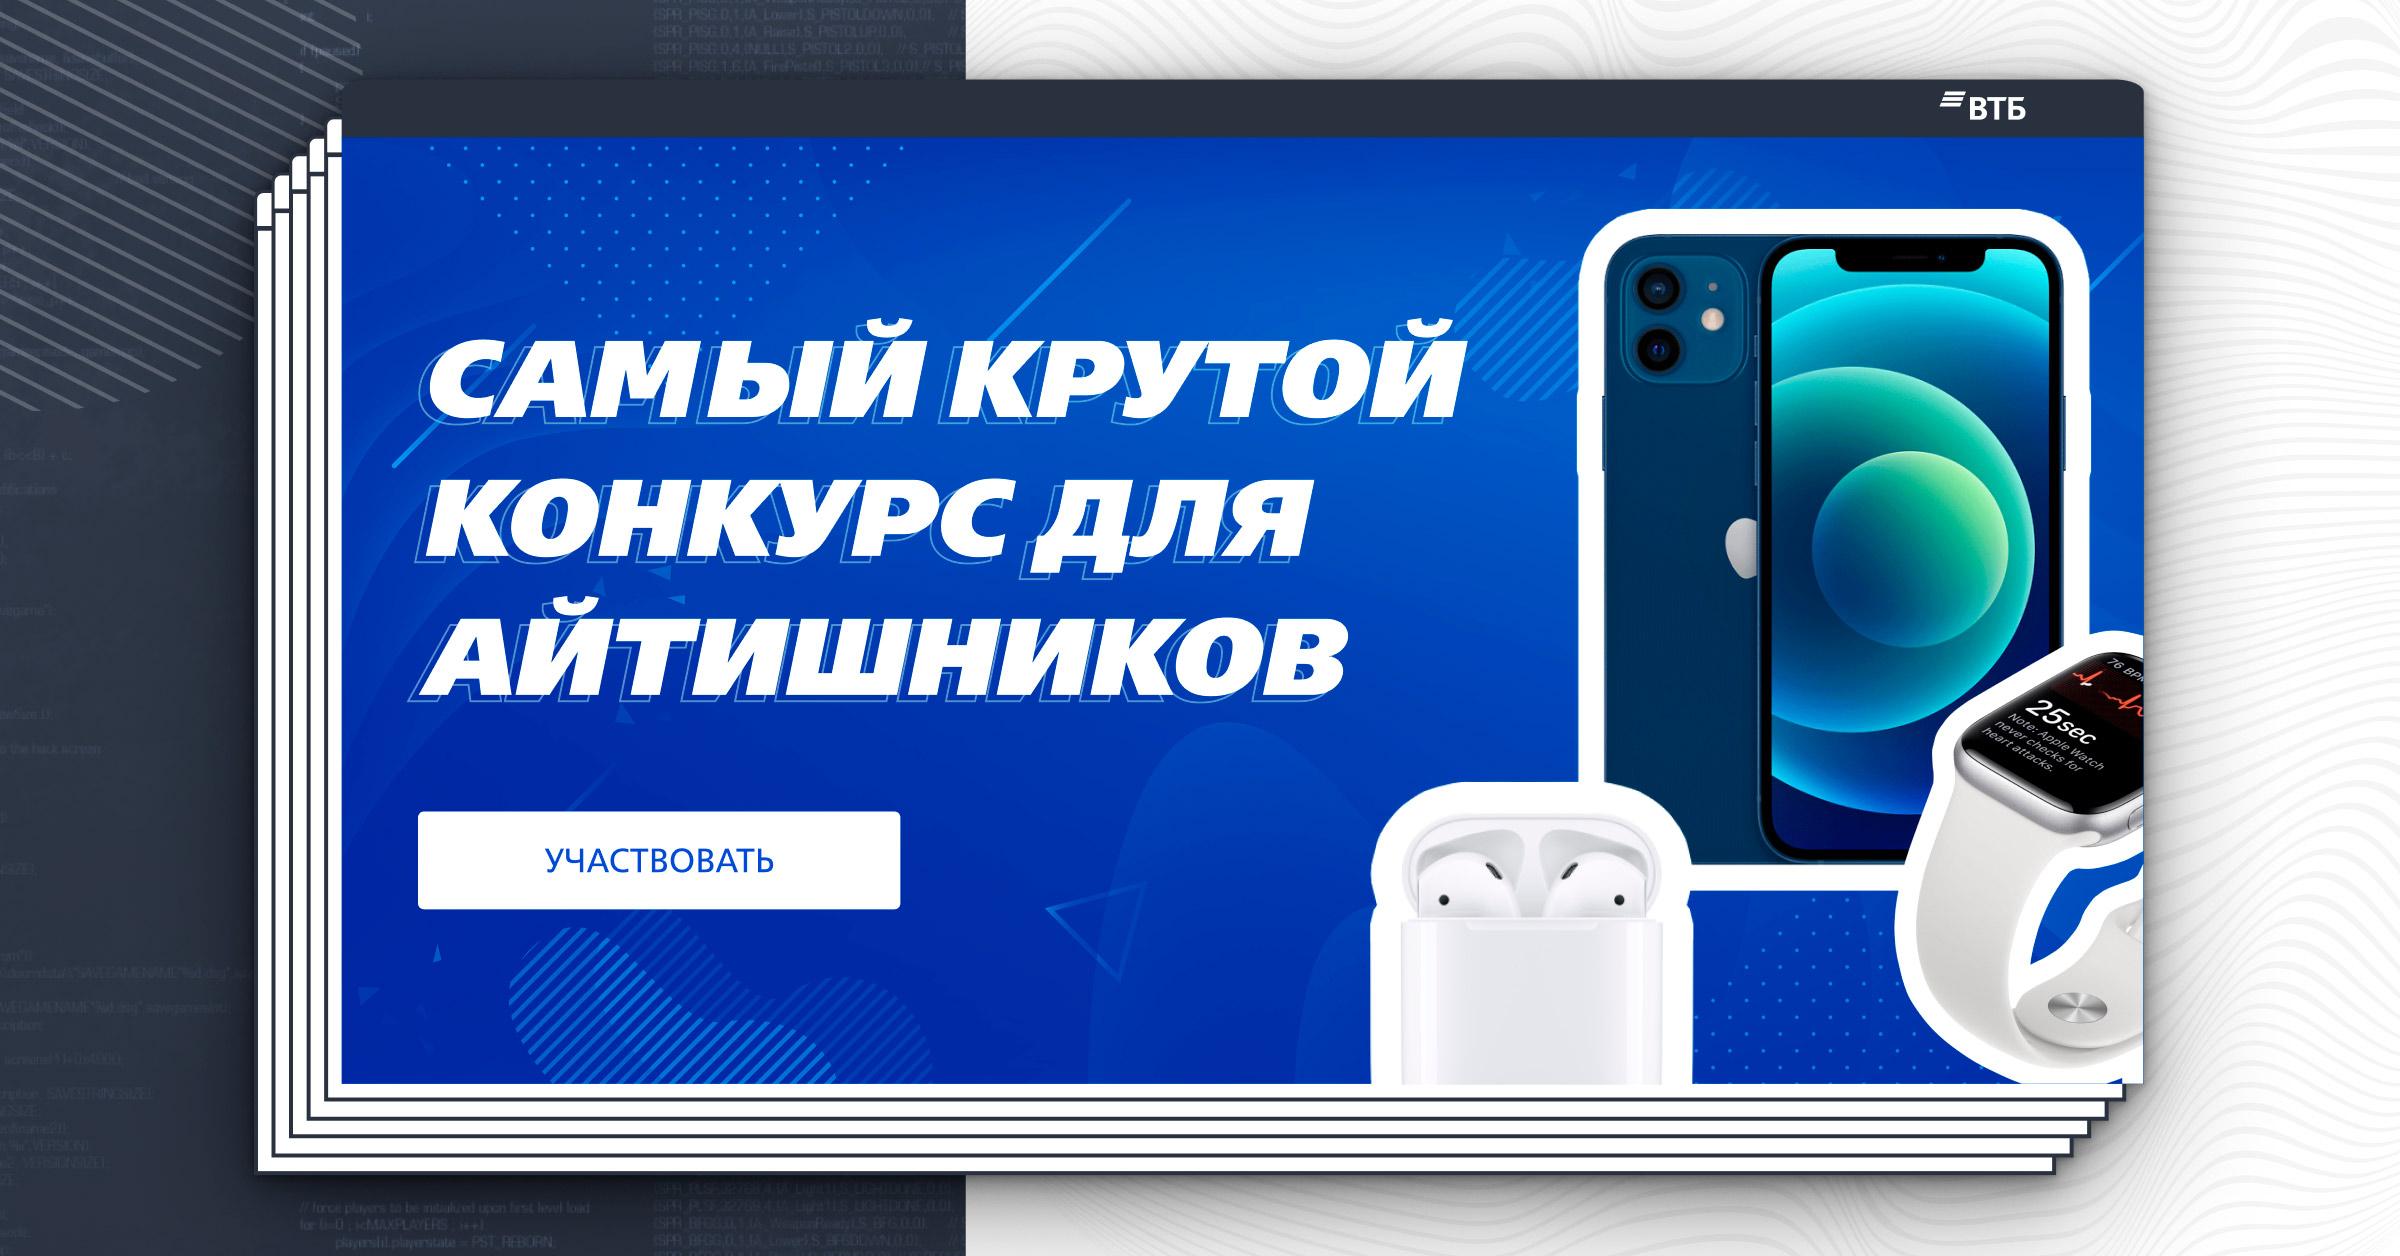 Конкурс для айтишников от Rusbase и ВТБ